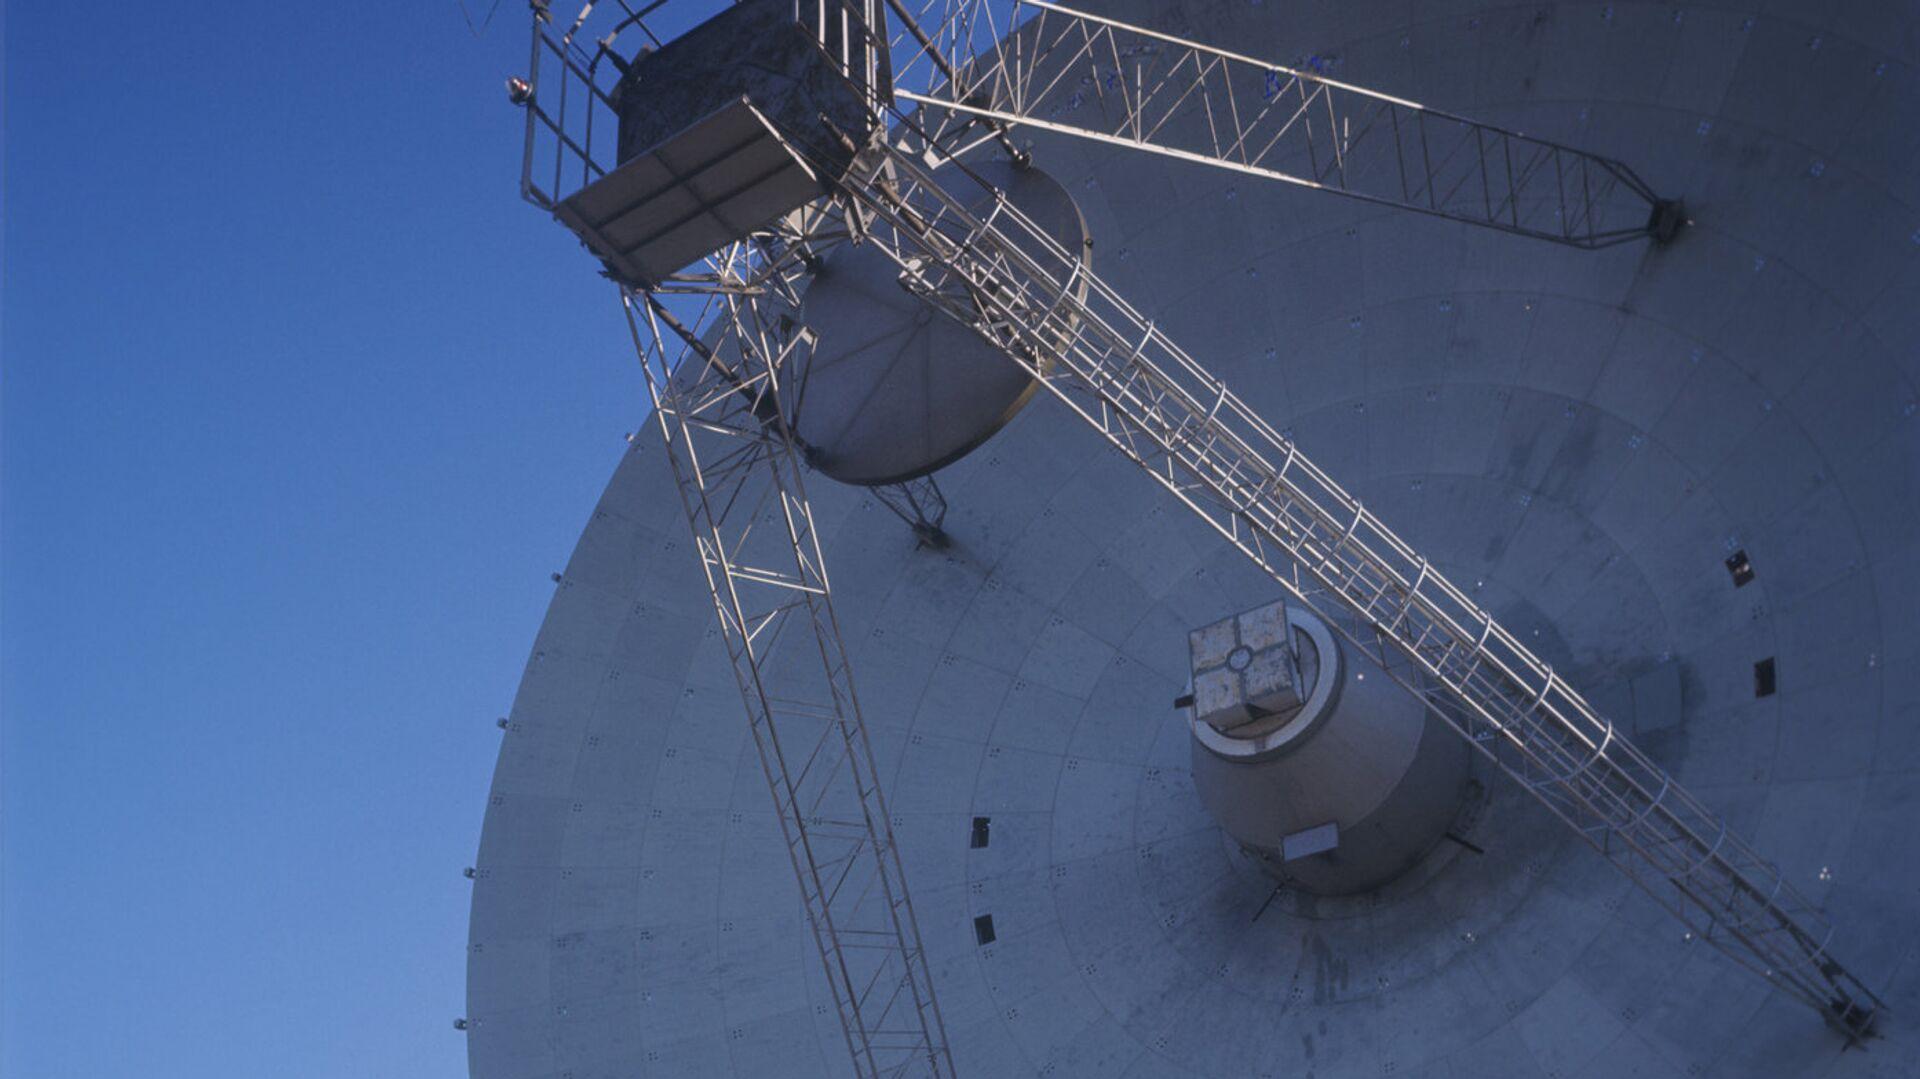 Радиотелескоп П-2500 (РТ-70) в Крыму. Архивное фото - РИА Новости, 1920, 21.11.2020